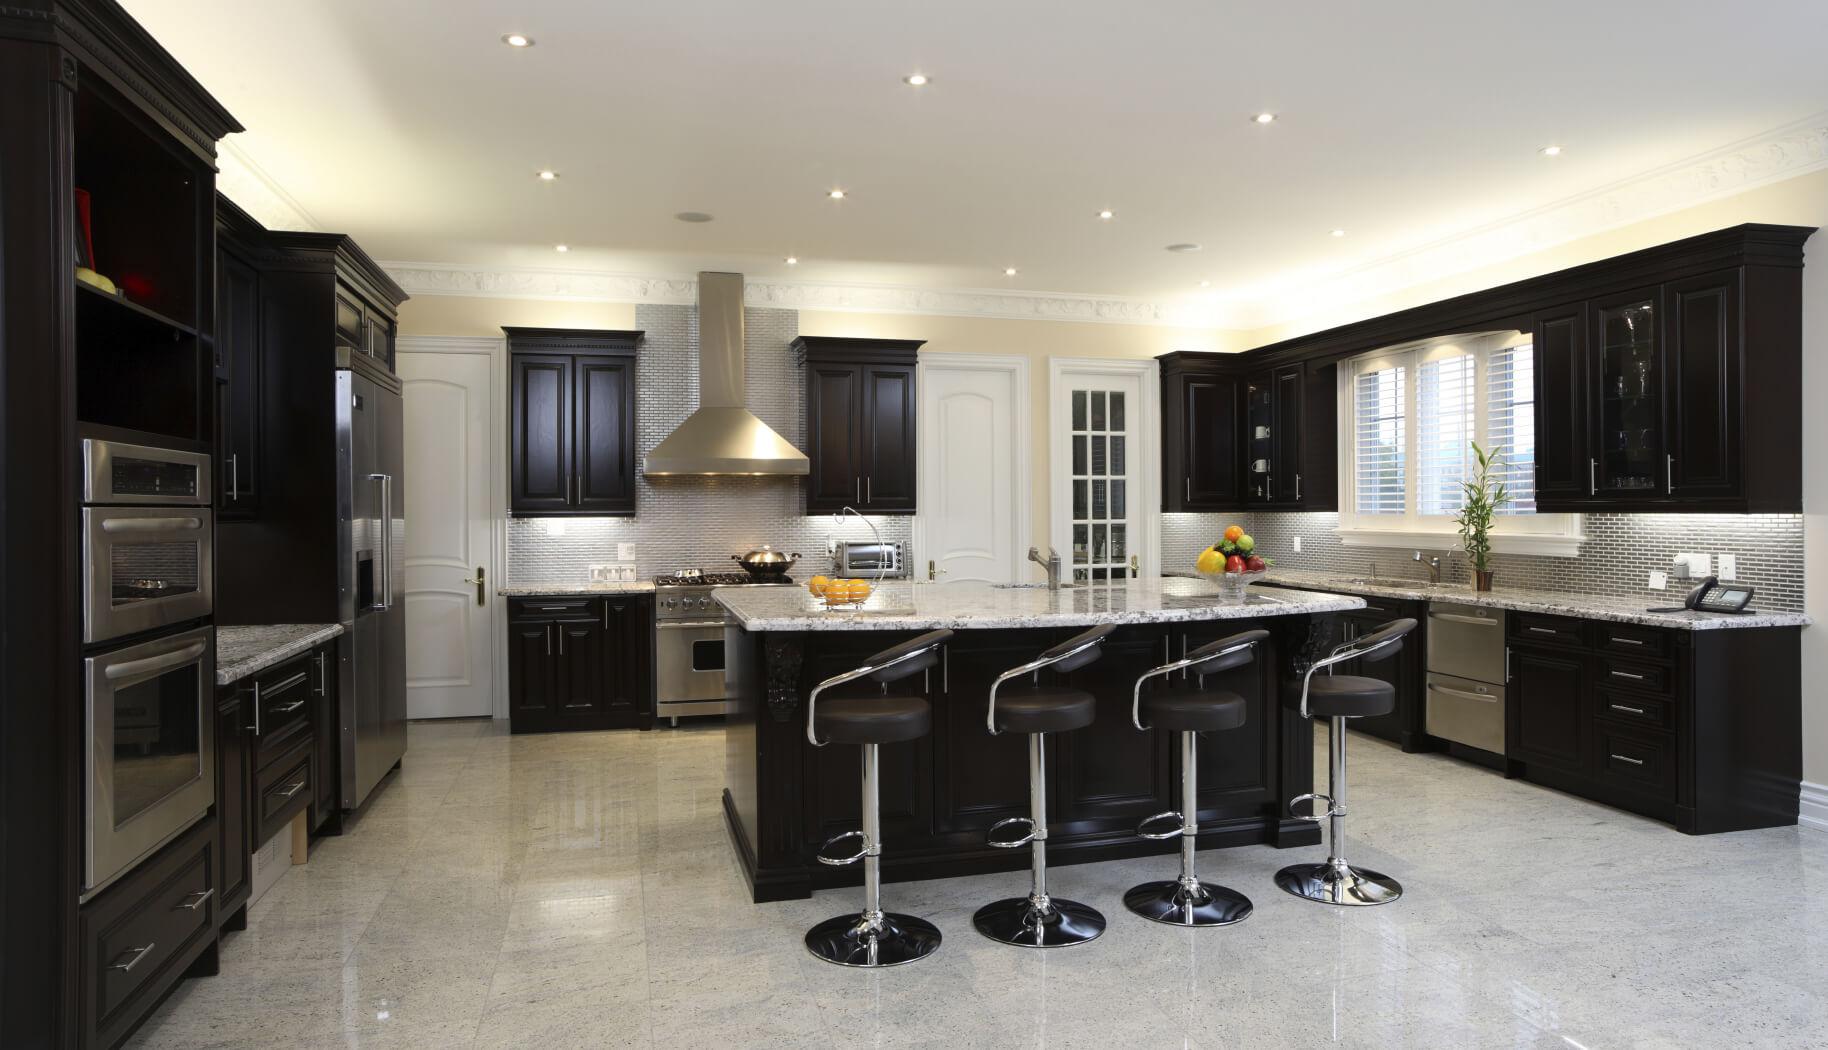 52 Dark Kitchens with Dark Wood OR Black Kitchen Cabinets